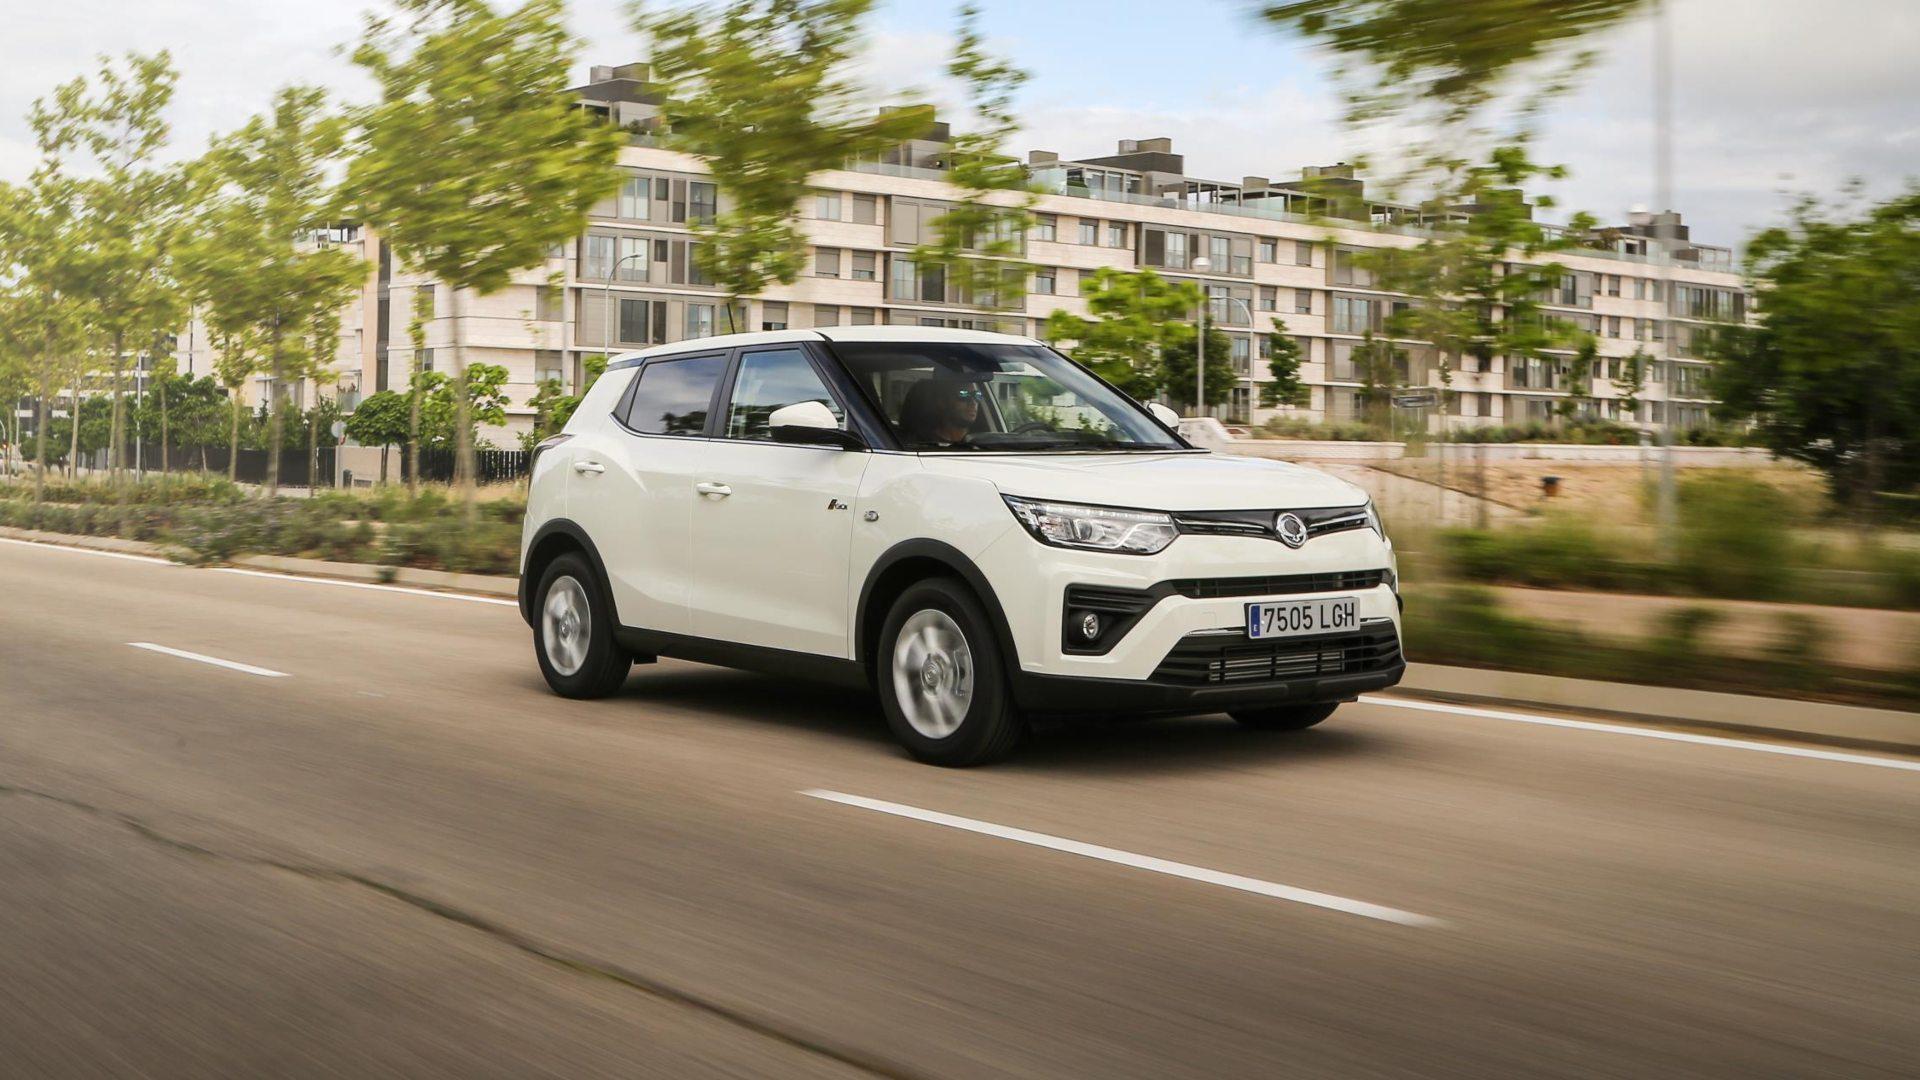 El Ssangyong Tivoli estrena nuevo motor gasolina turbo